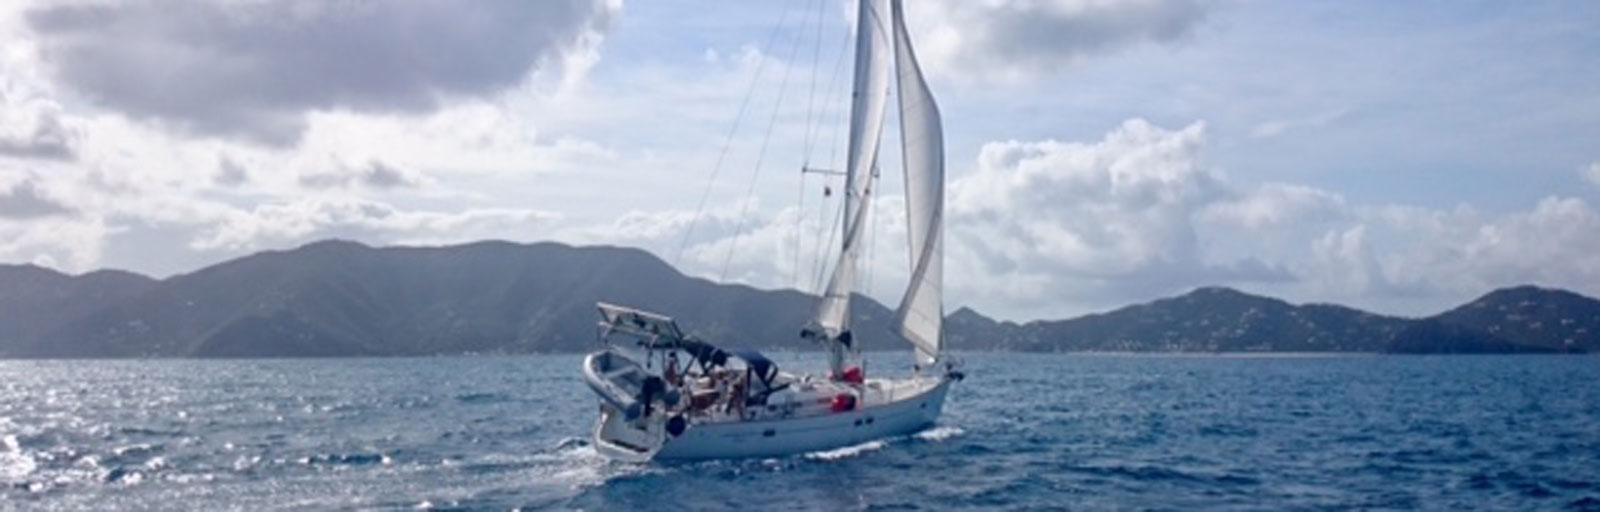 AYC Yachtbrokers - Oceanis 423